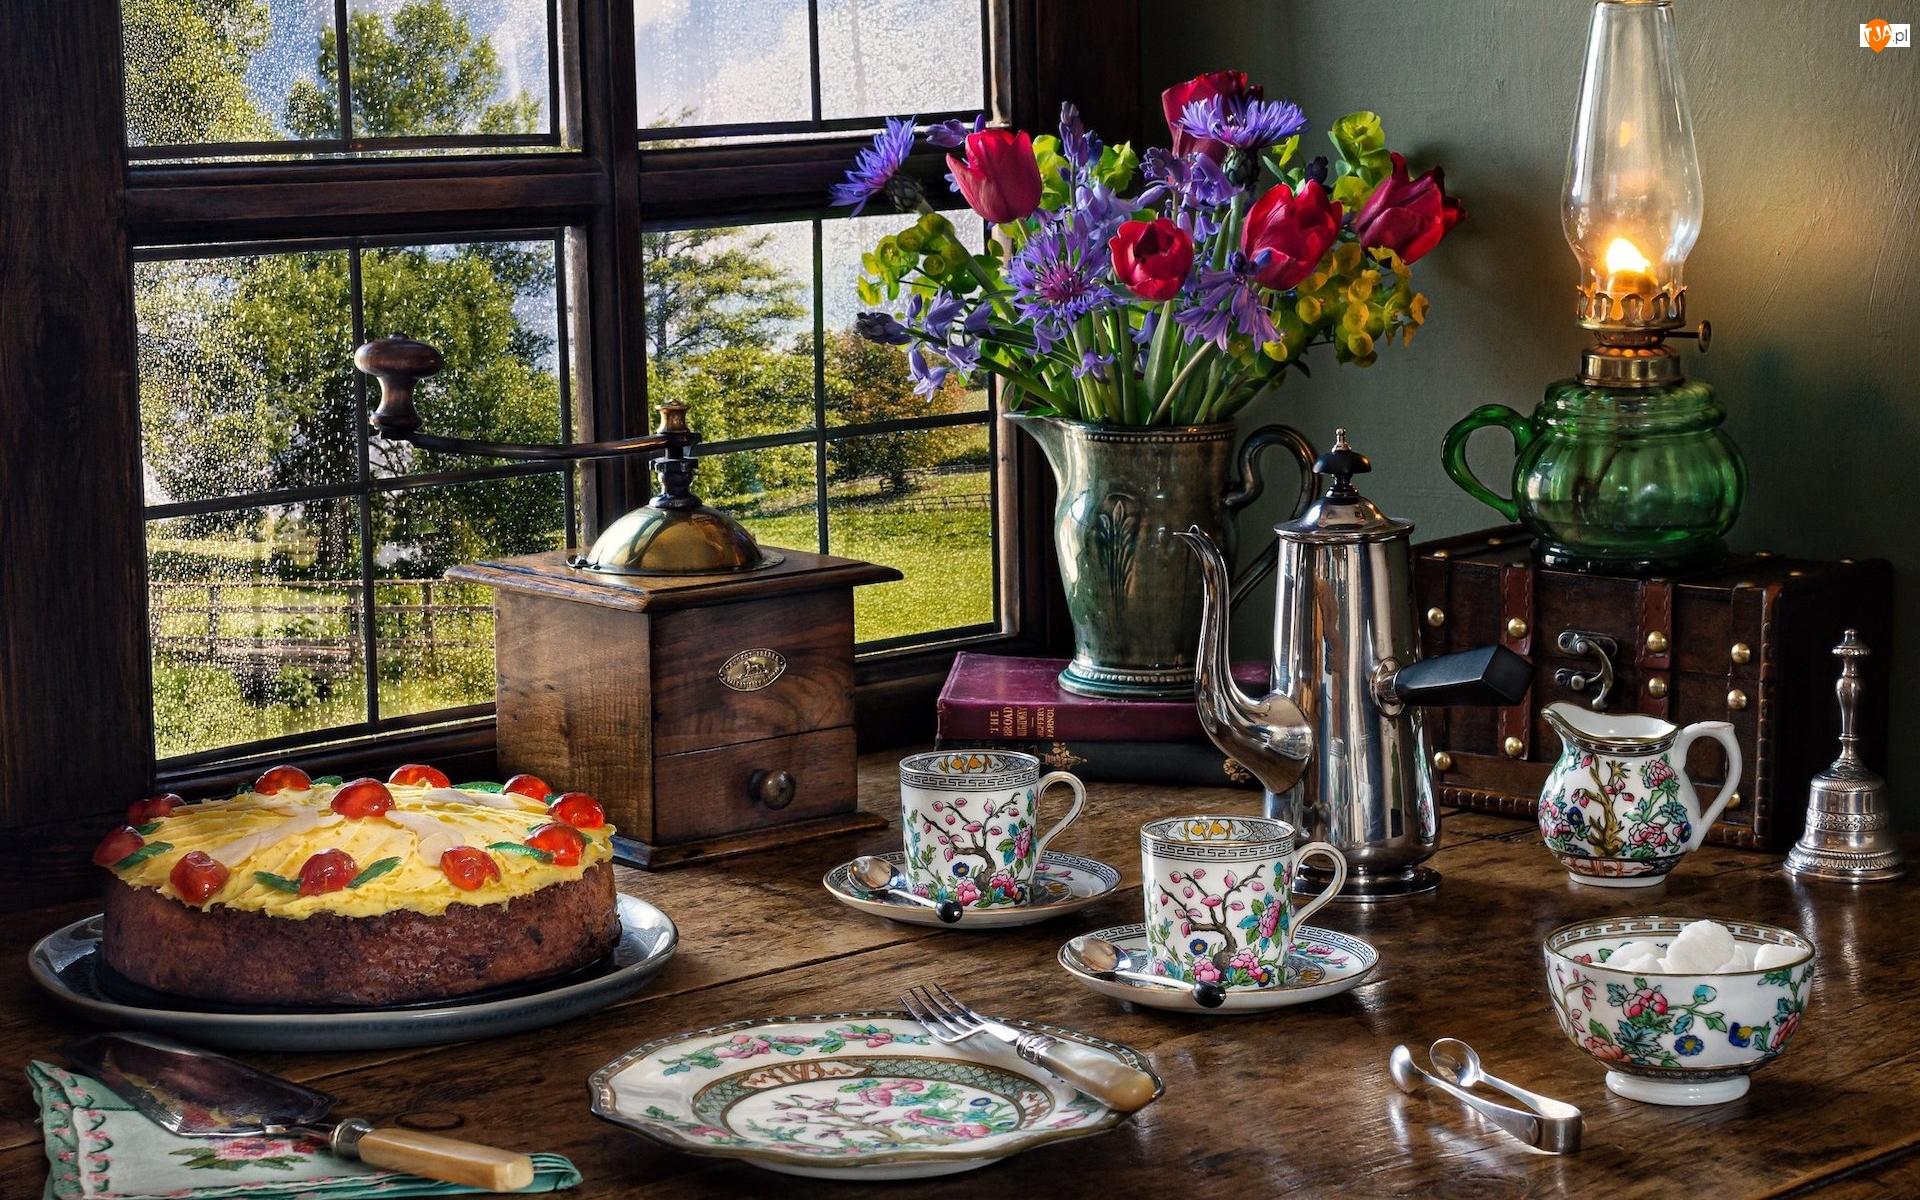 Ciasto, Kompozycja, Bukiet kwiatów, Dzbanek, Okno, Lampa, Serwis kawowy, Młynek